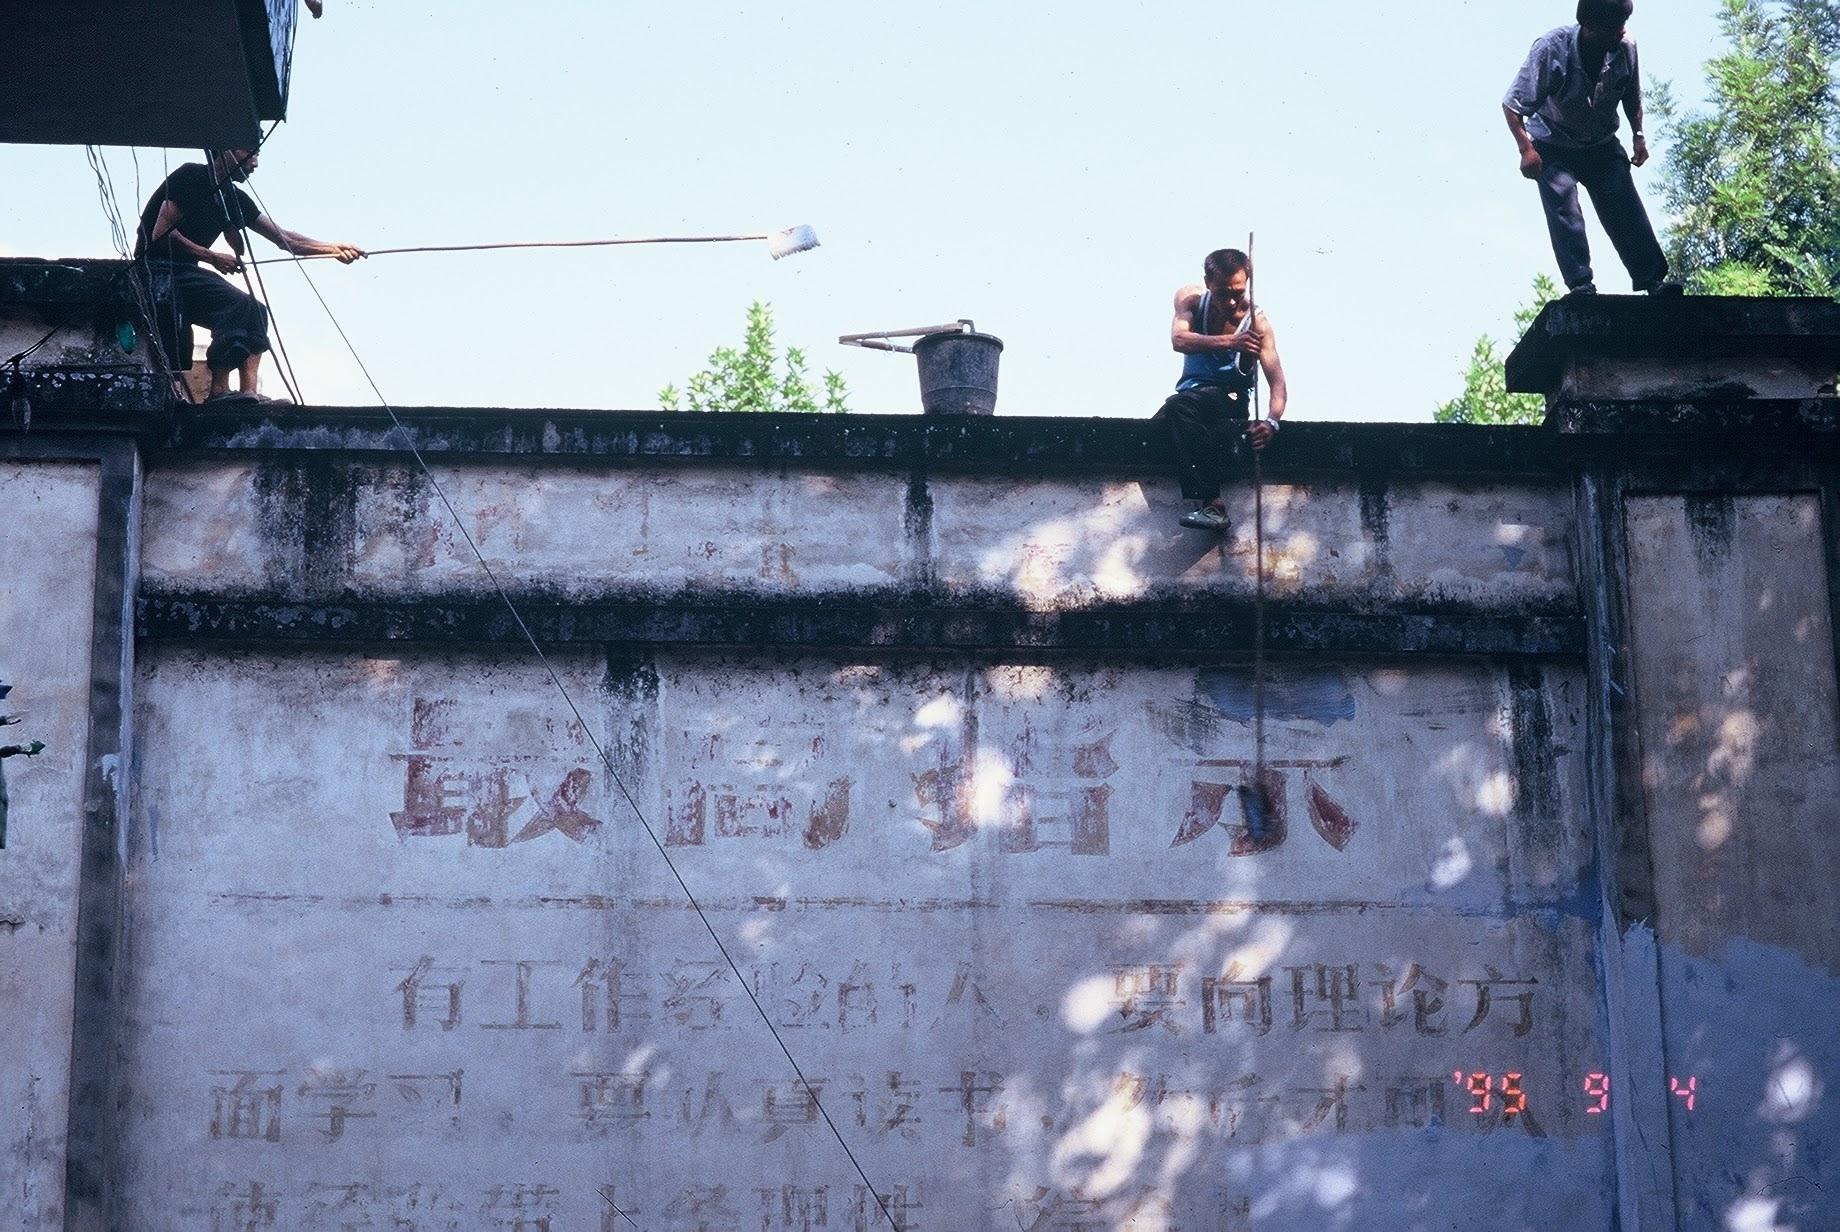 1995 年 9 月 4 日,吳介民與黎安友在四川邊遠小鎮上,目睹工人正用白漆抹去牆上的毛語錄最高指示,彷彿也見到一個時代的消逝終結。圖│吳介民